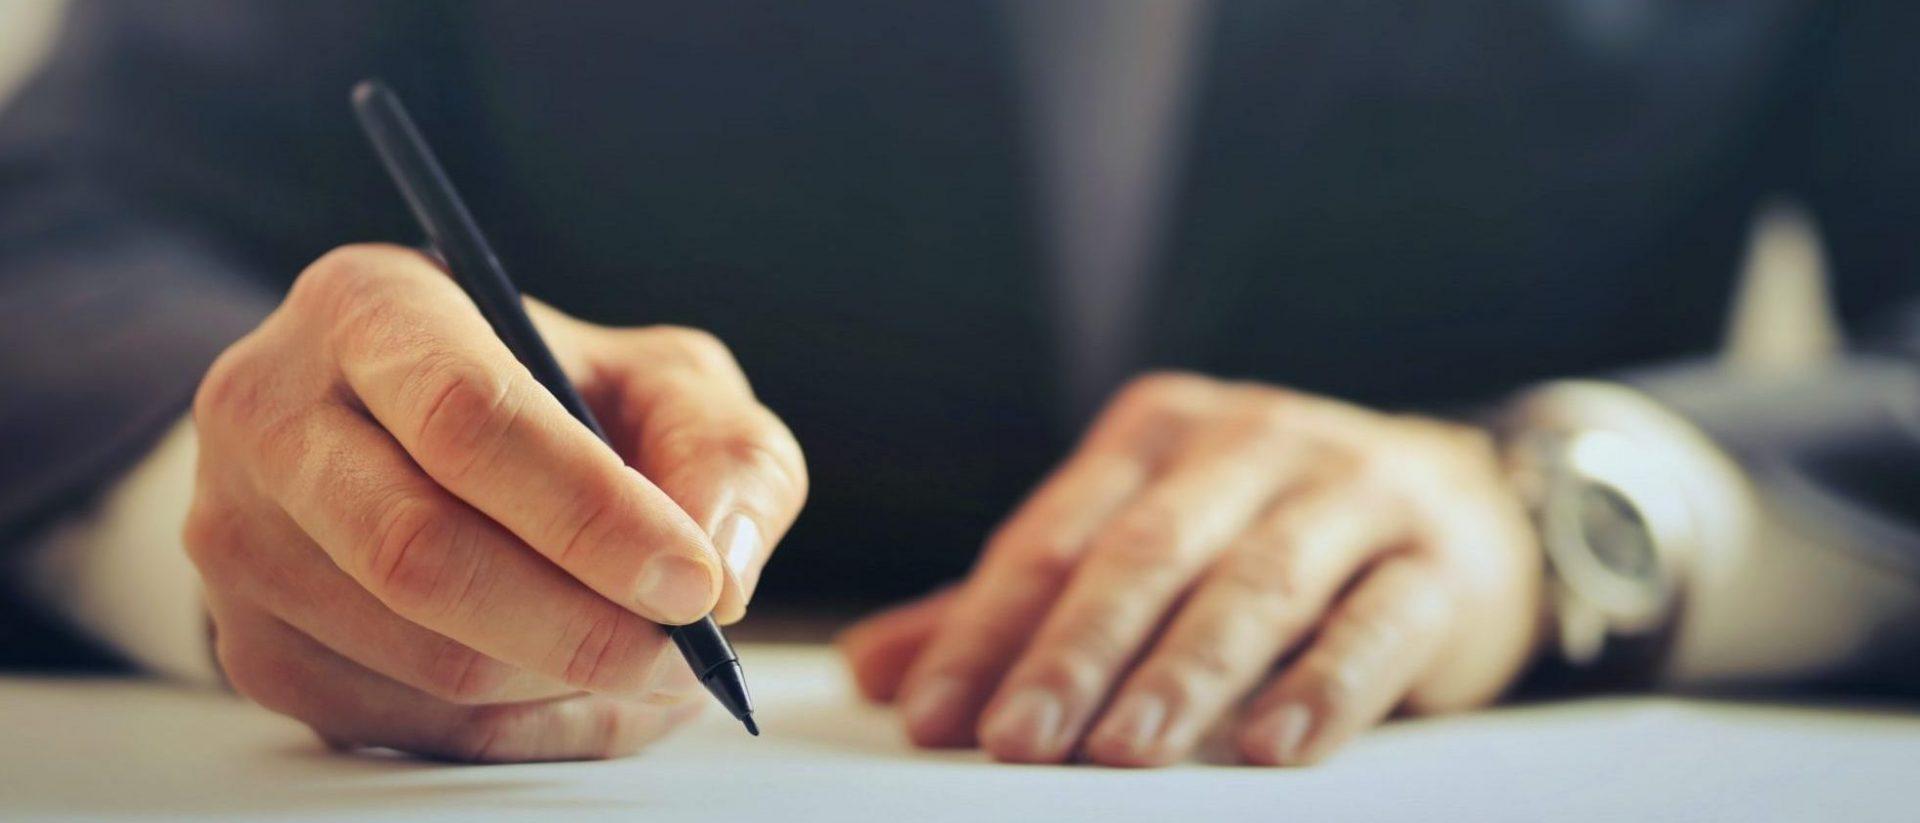 Avis sur les contrats d'assurance vie de Hello bank!